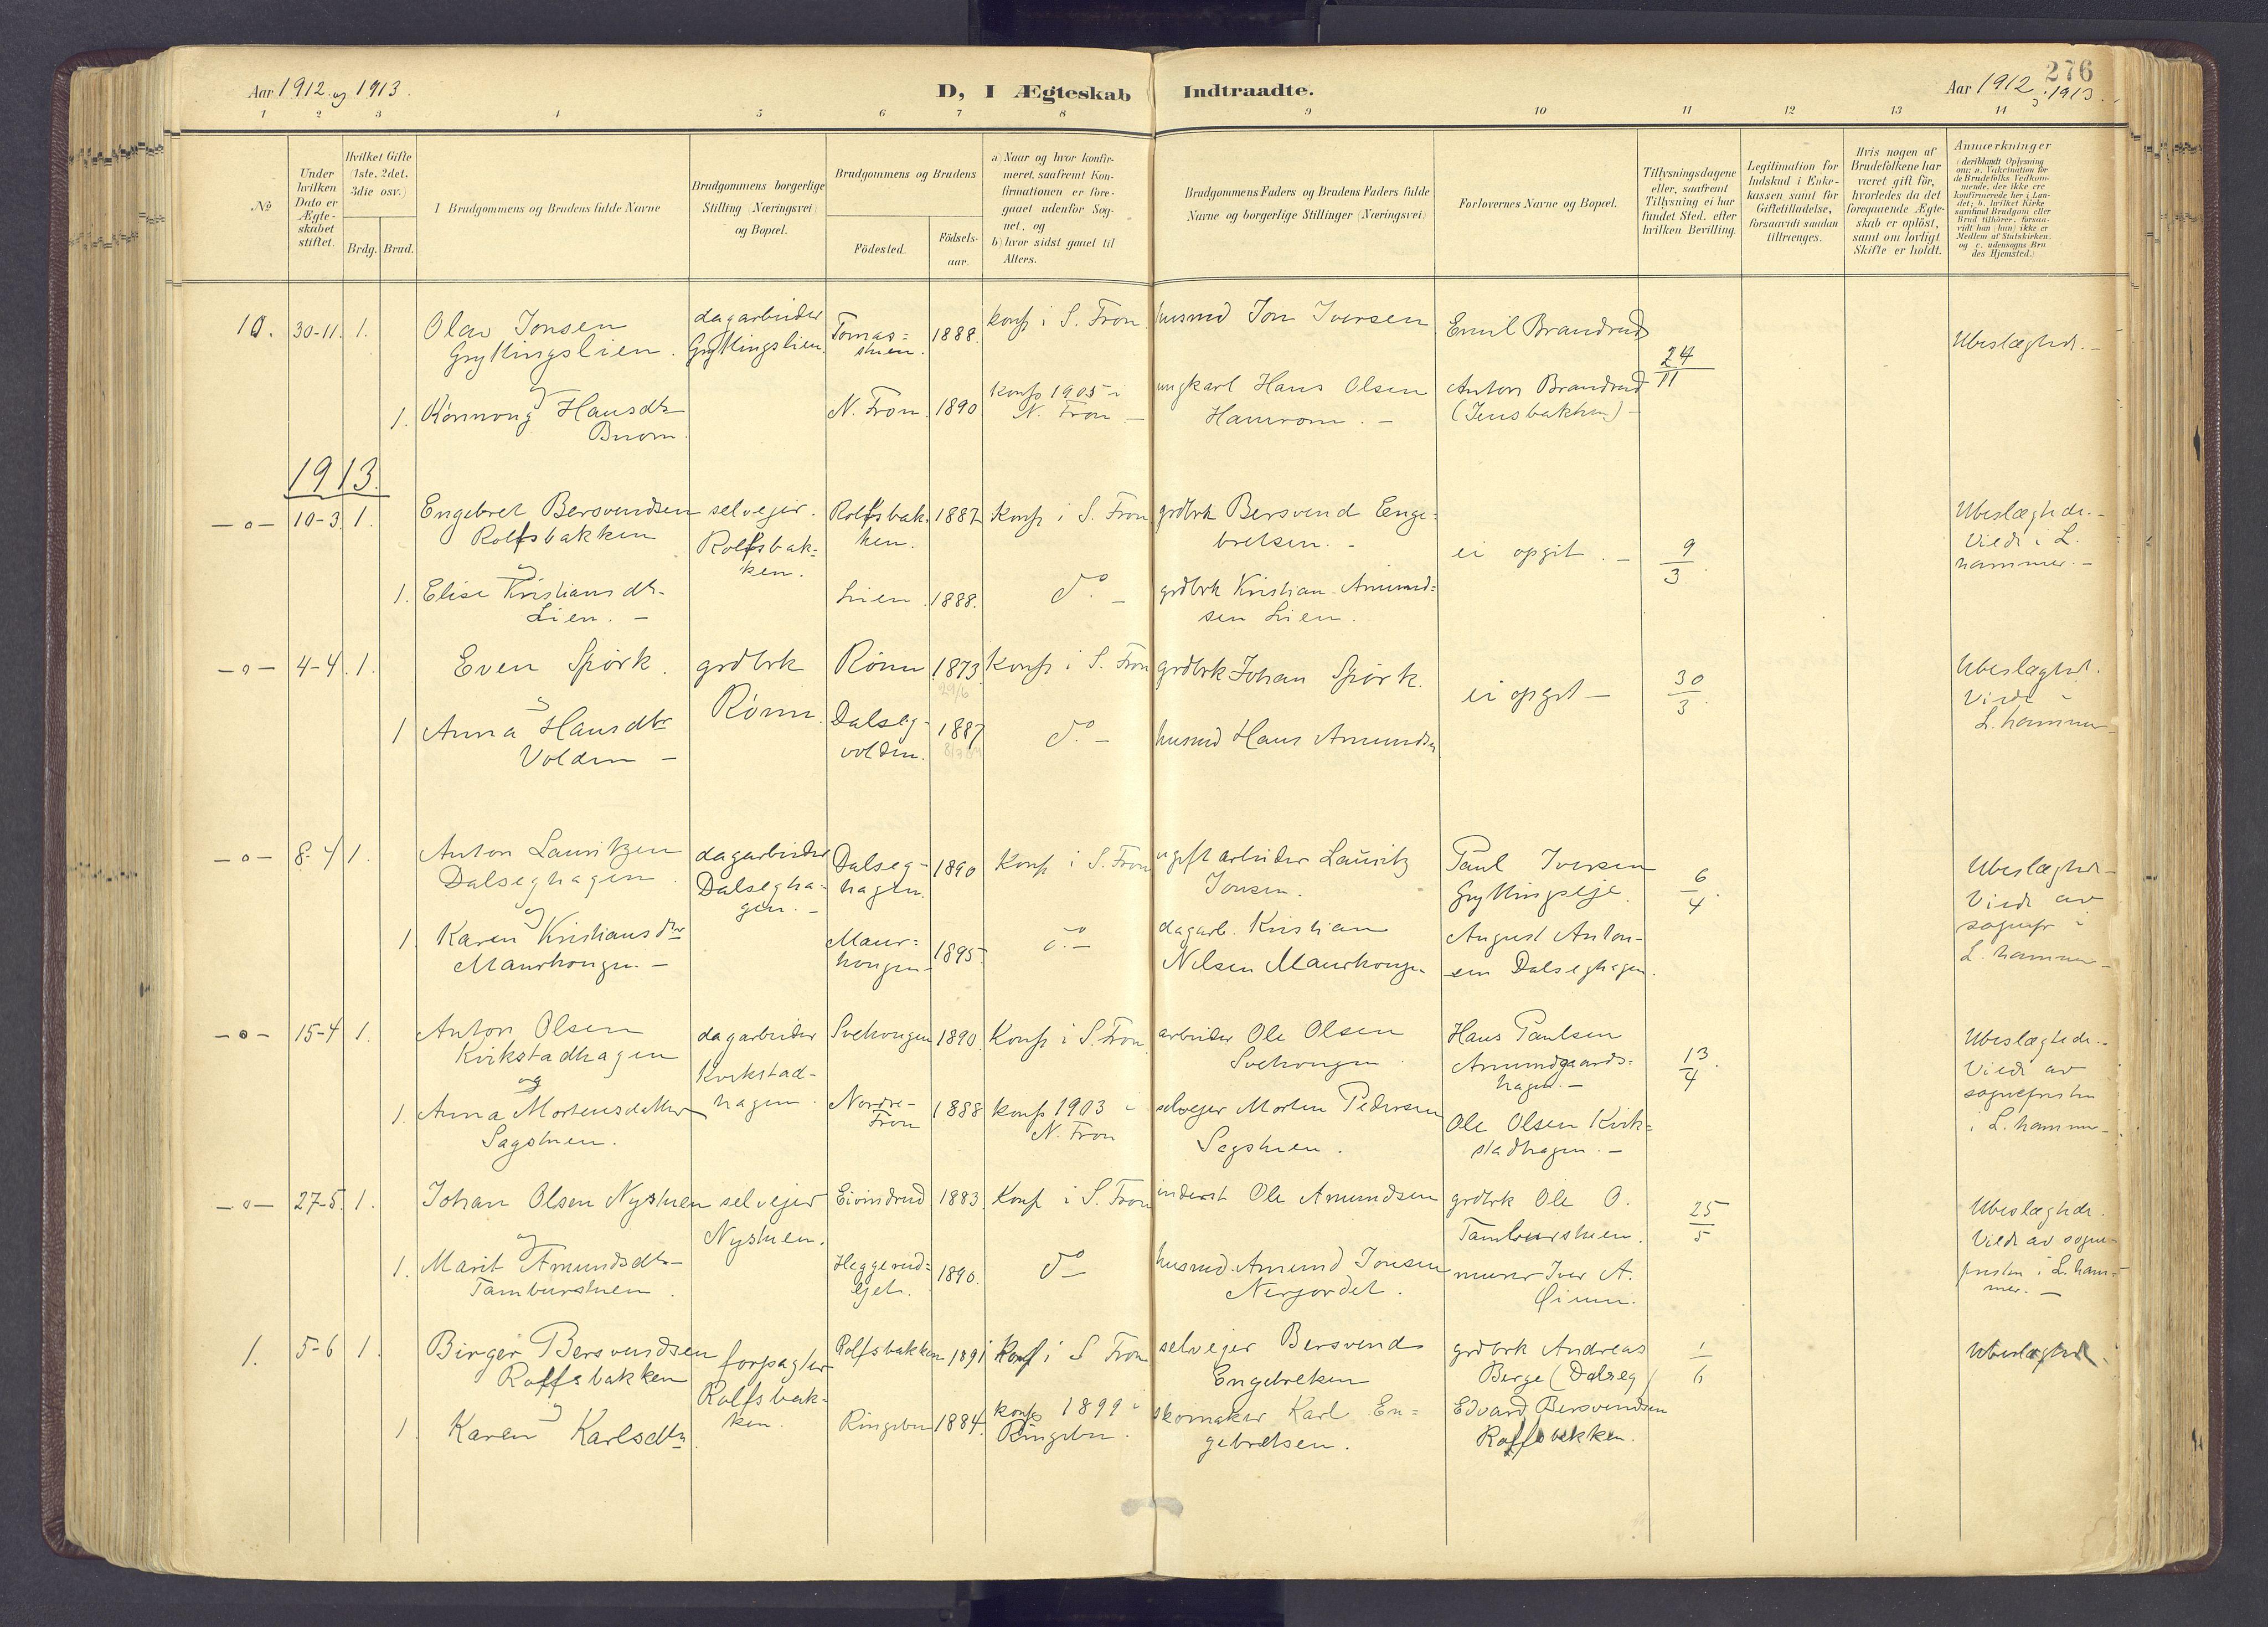 SAH, Sør-Fron prestekontor, H/Ha/Haa/L0004: Ministerialbok nr. 4, 1898-1919, s. 276